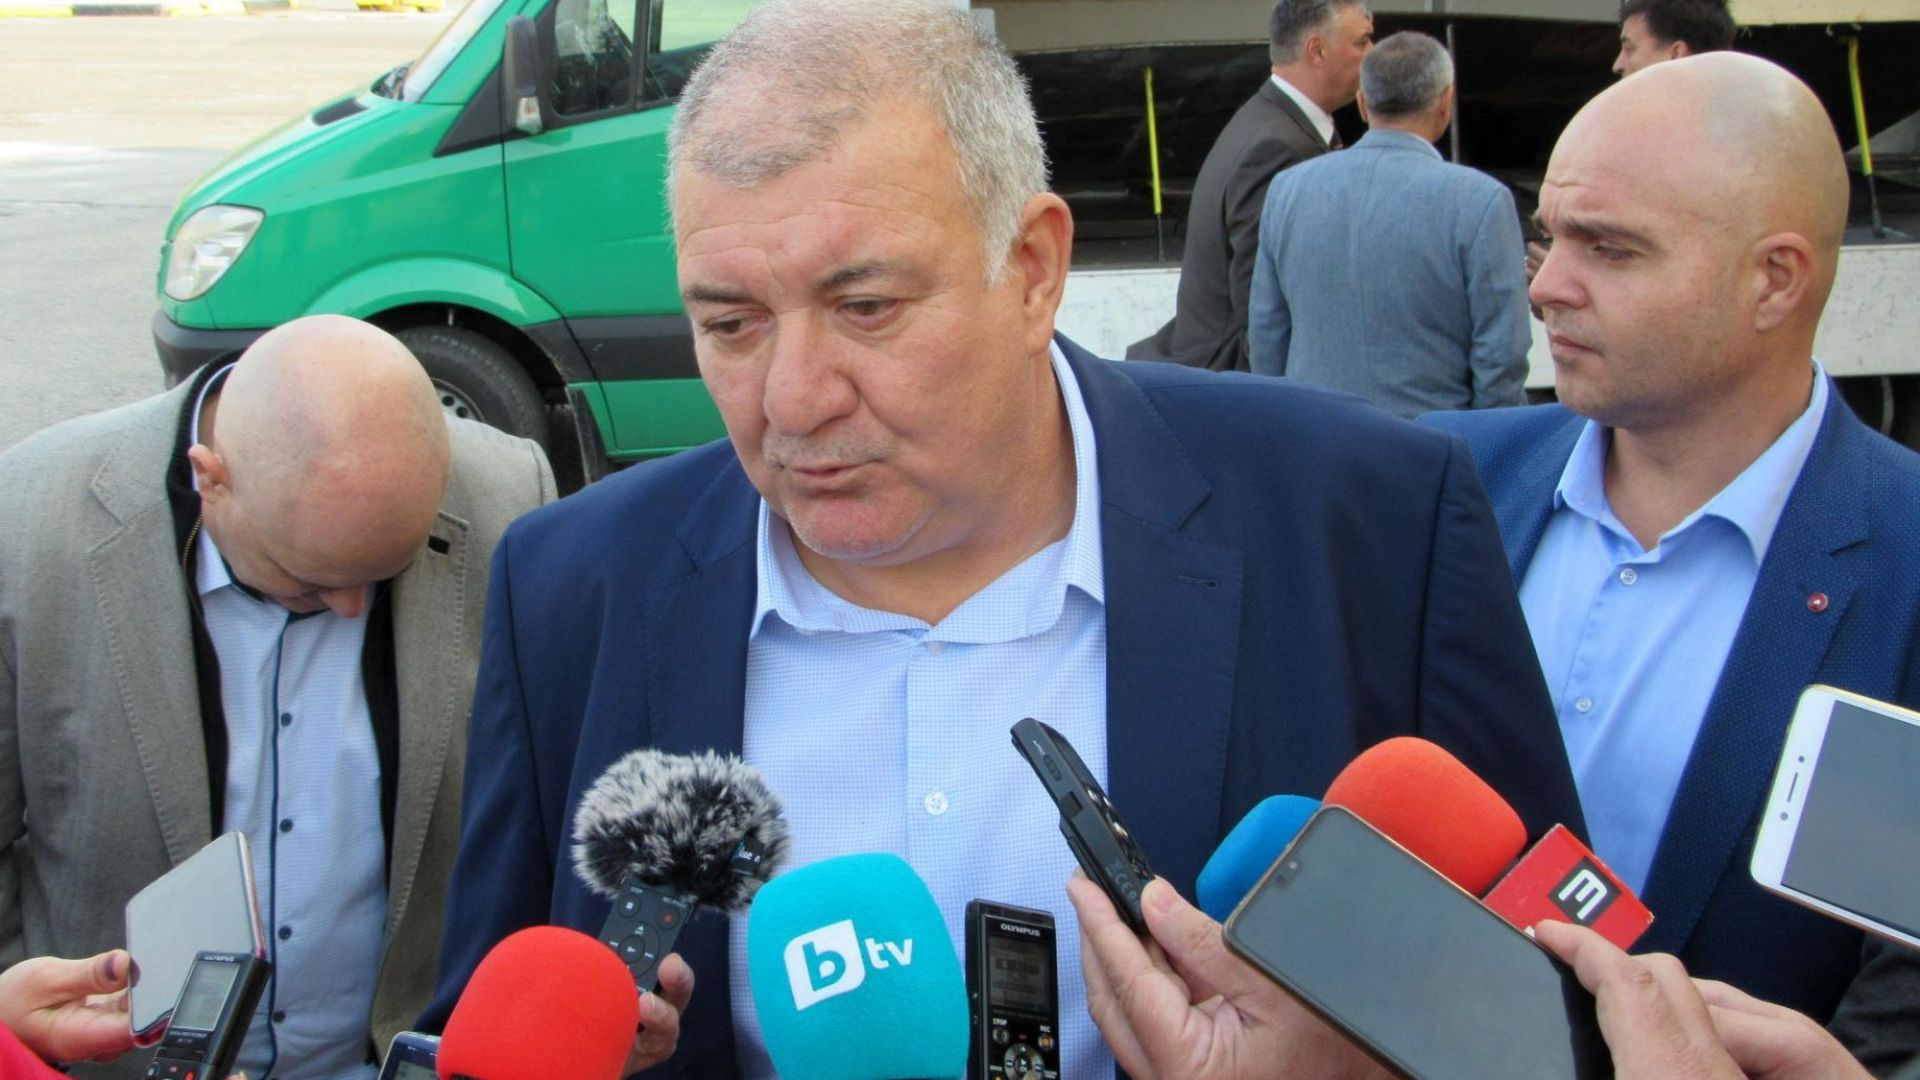 Шефът на митниците Георги Костов с коронавирус, лекува се във ВМА (обновена)